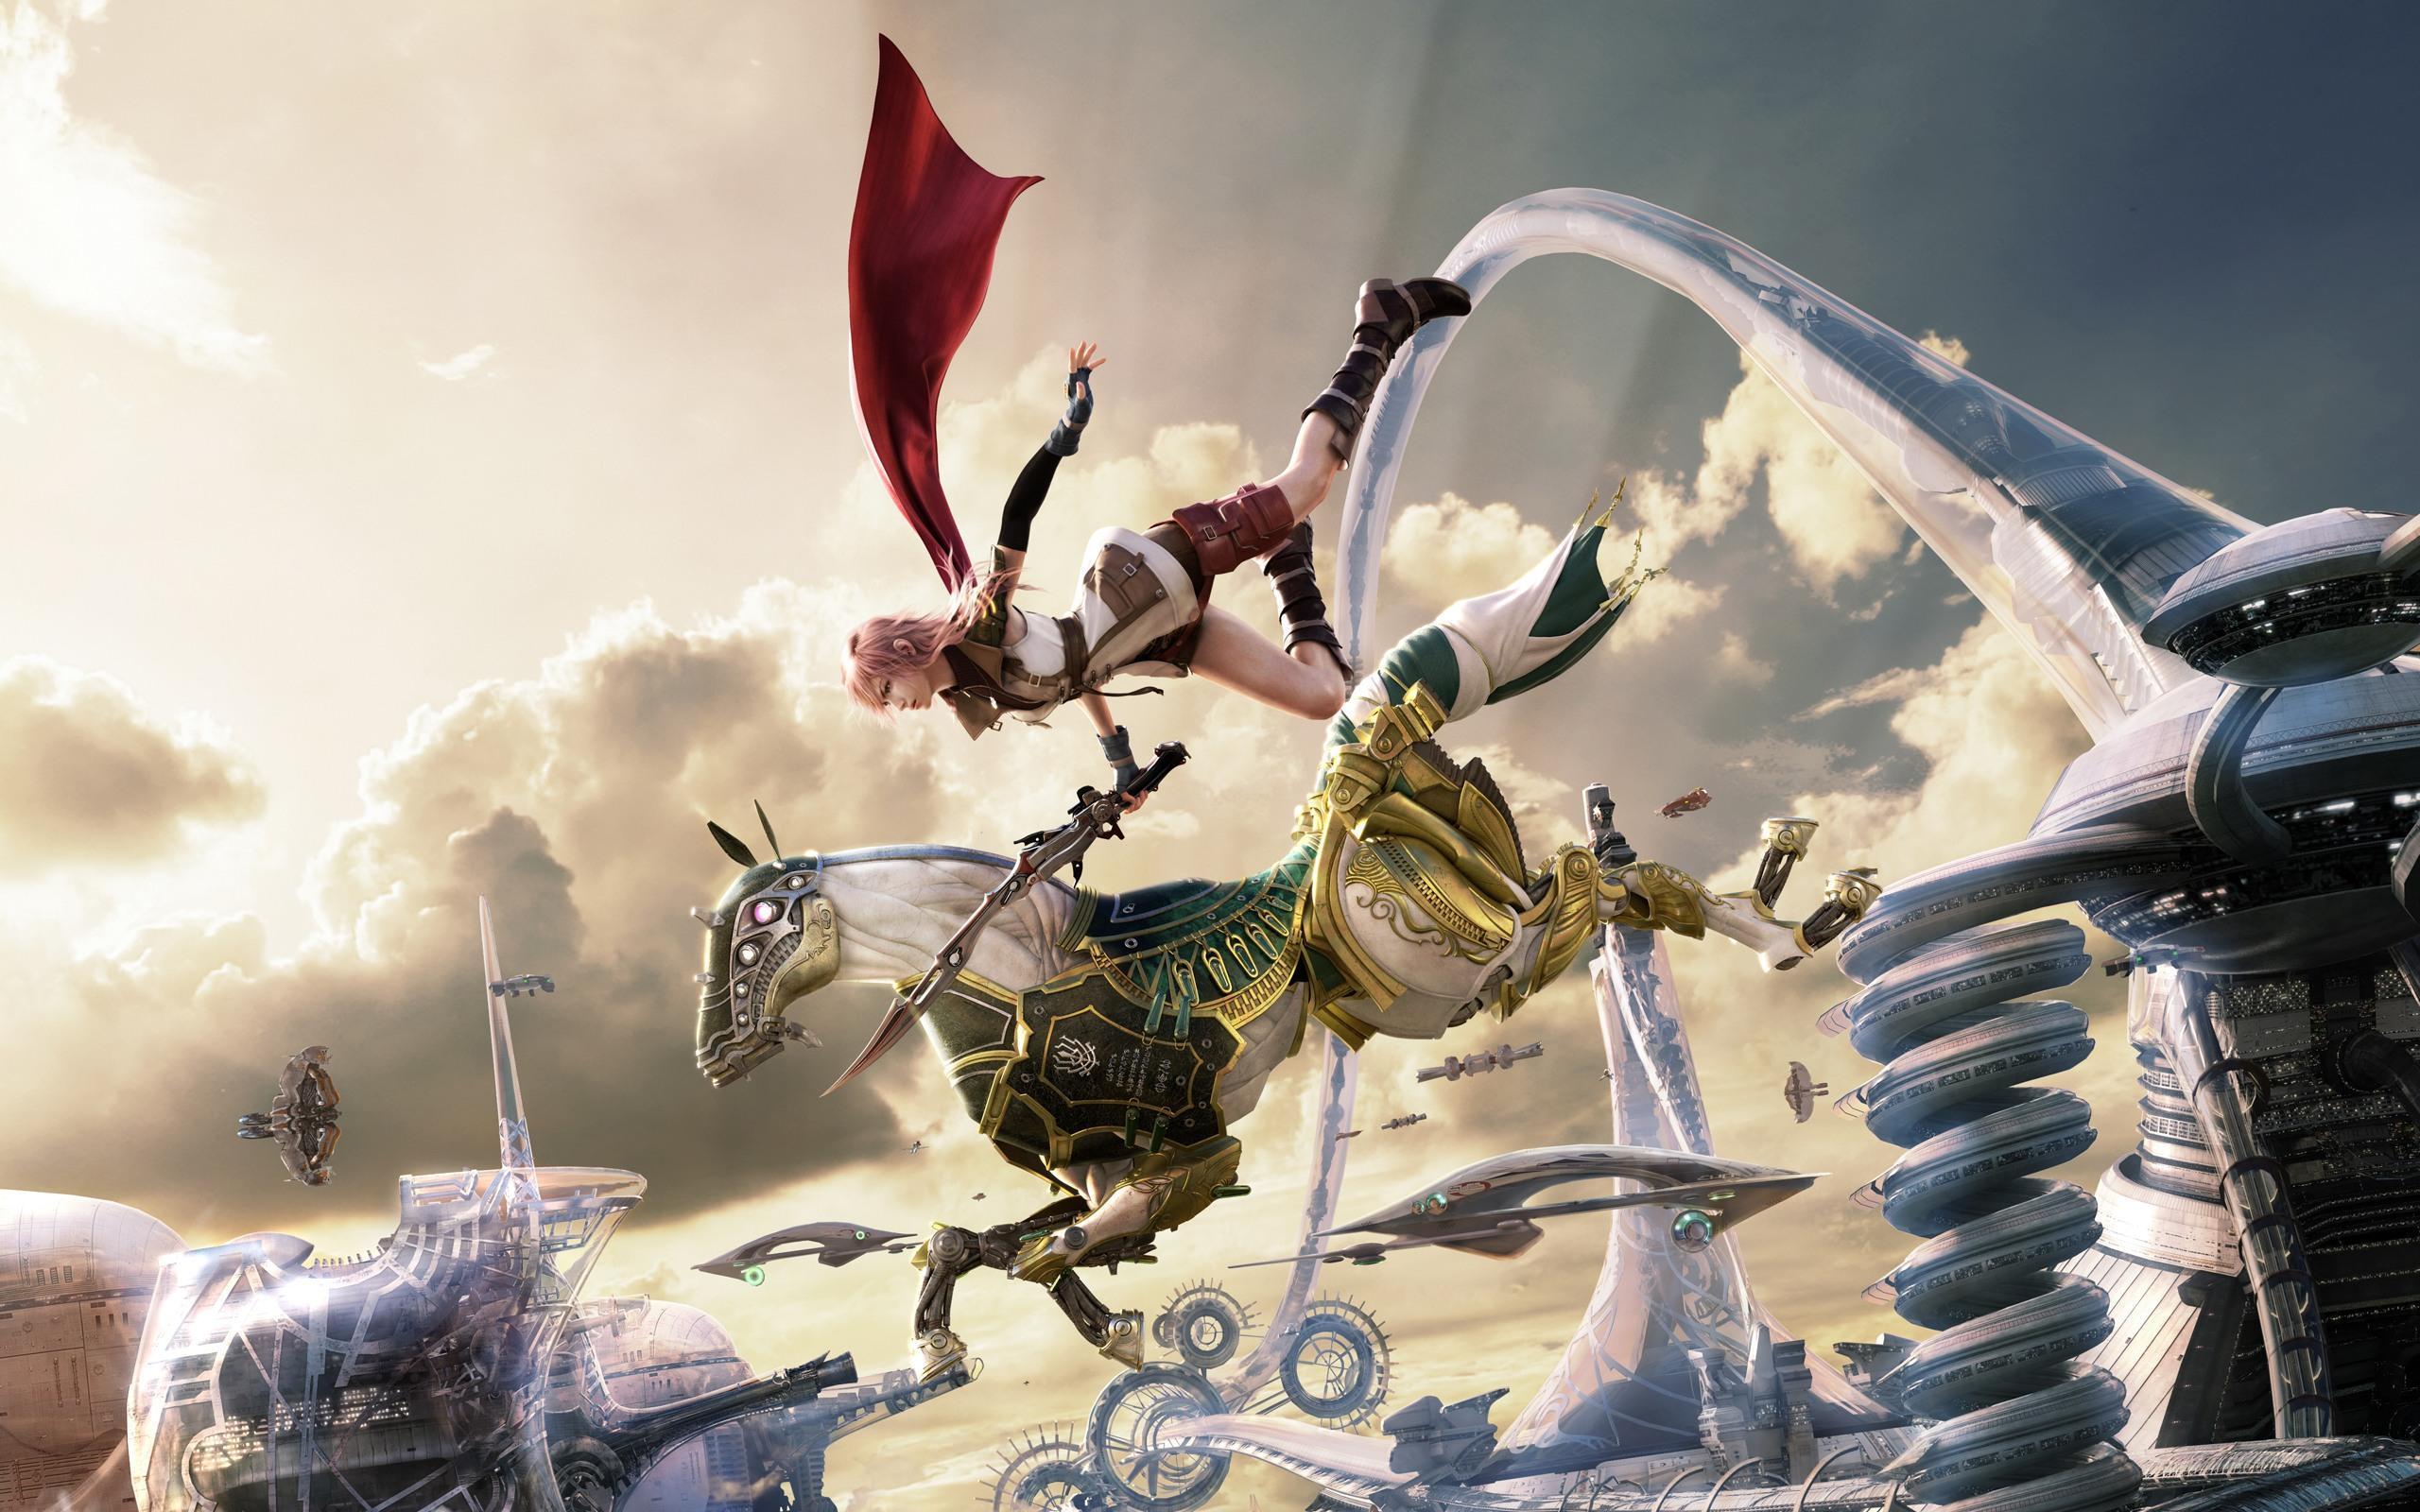 The Power Of Odin Final Fantasy Lightning And Odin 370180